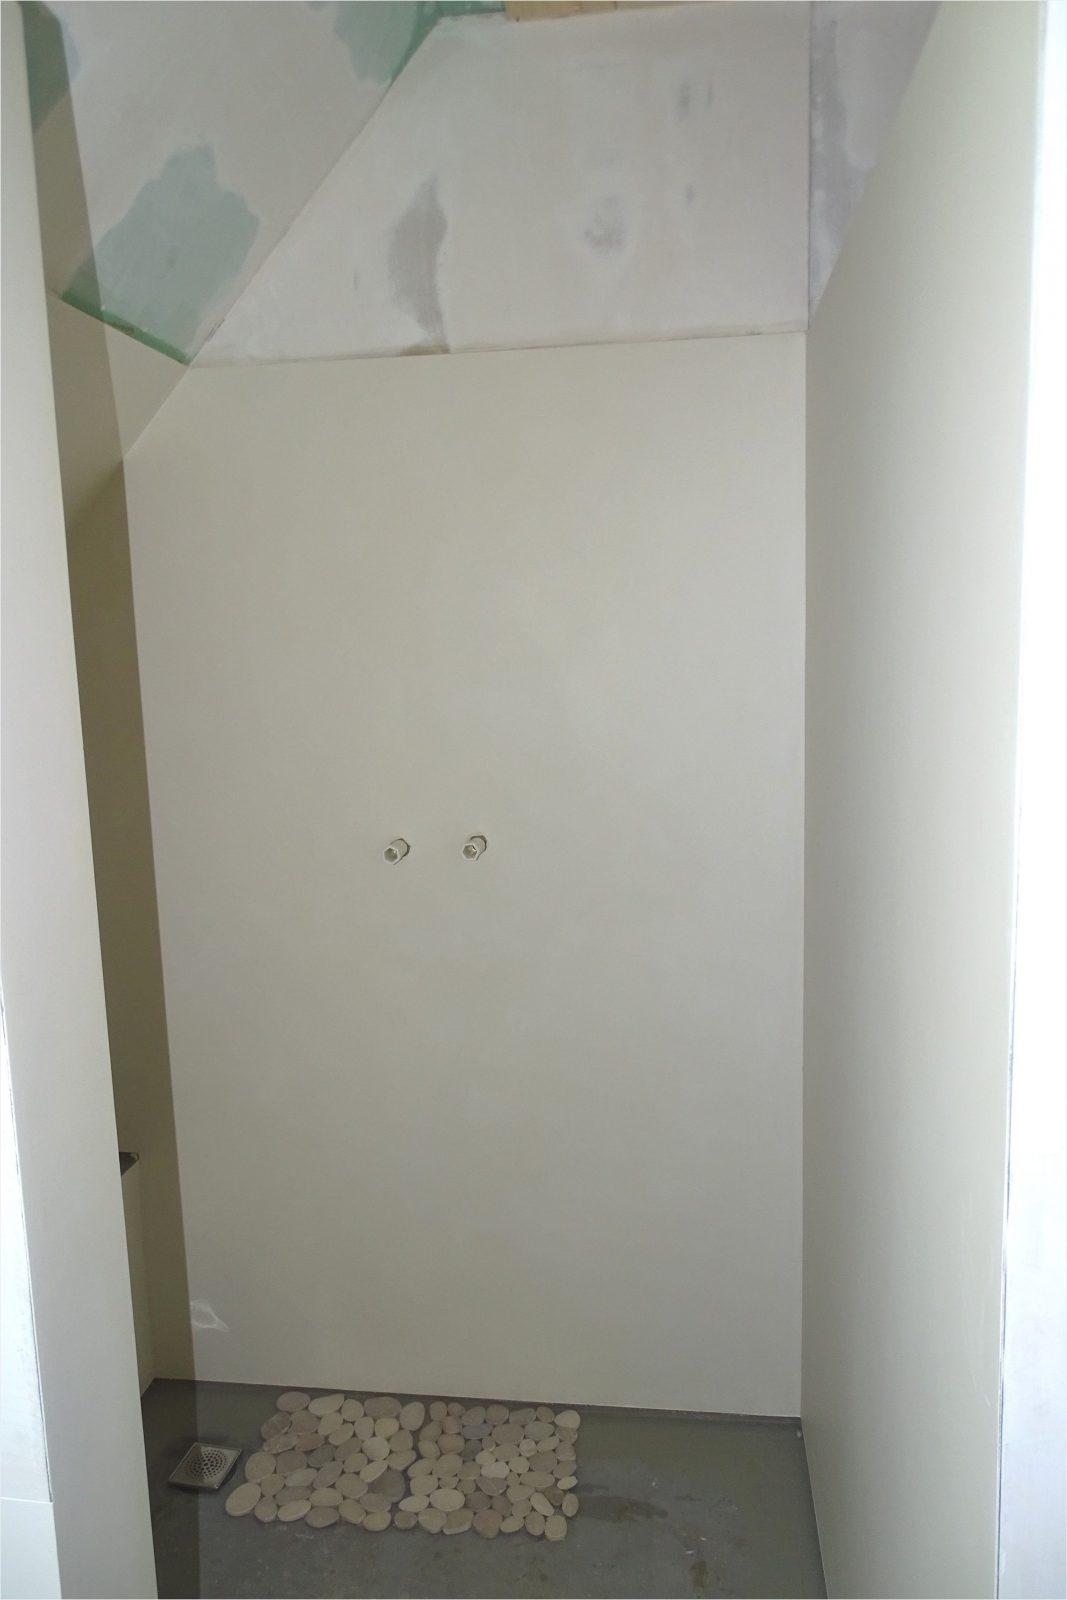 Marmorino Selber Machen Mit Erstaunlich Fugenlose Dusche von Kalk Marmor Putz Selber Machen Photo